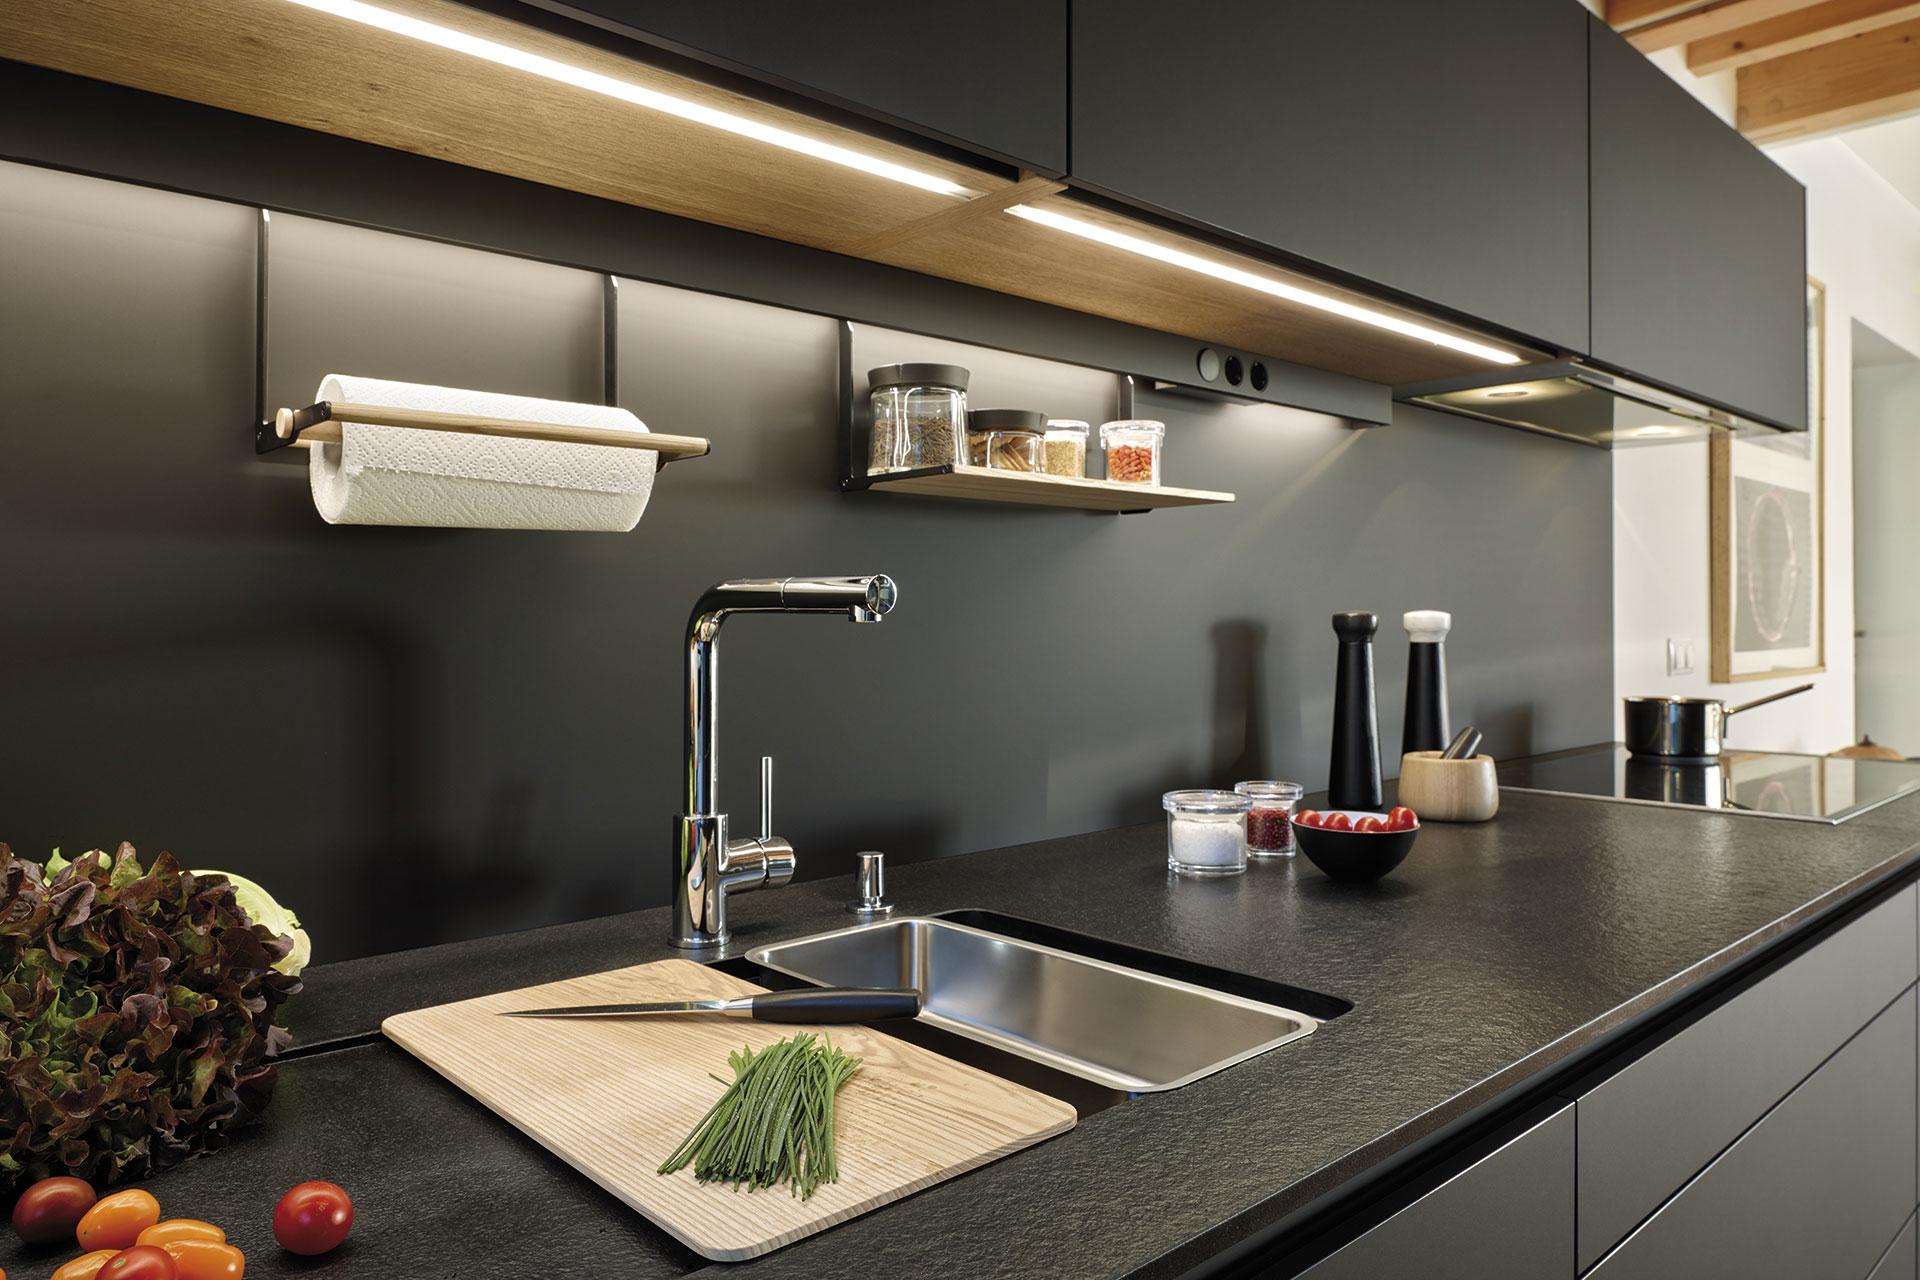 Iluminar la cocina: consejos | Cocinas Santos | Santiago ... - photo#12